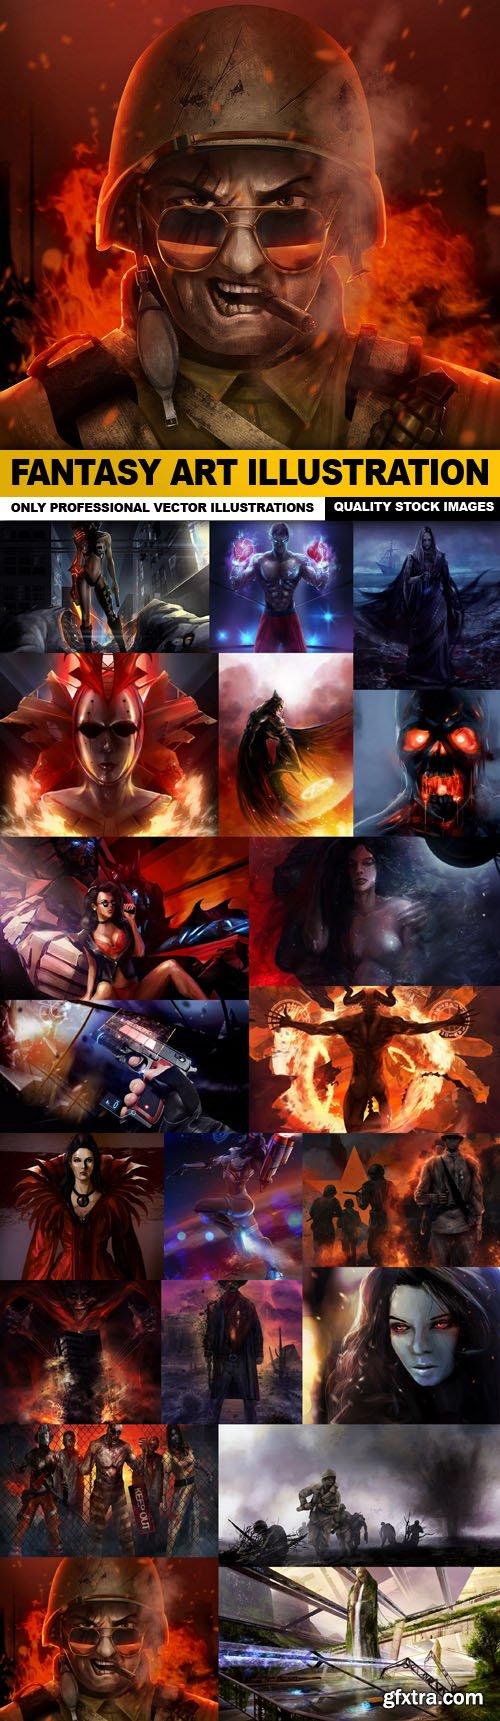 Fantasy Art Illustration - 20 HQ Images